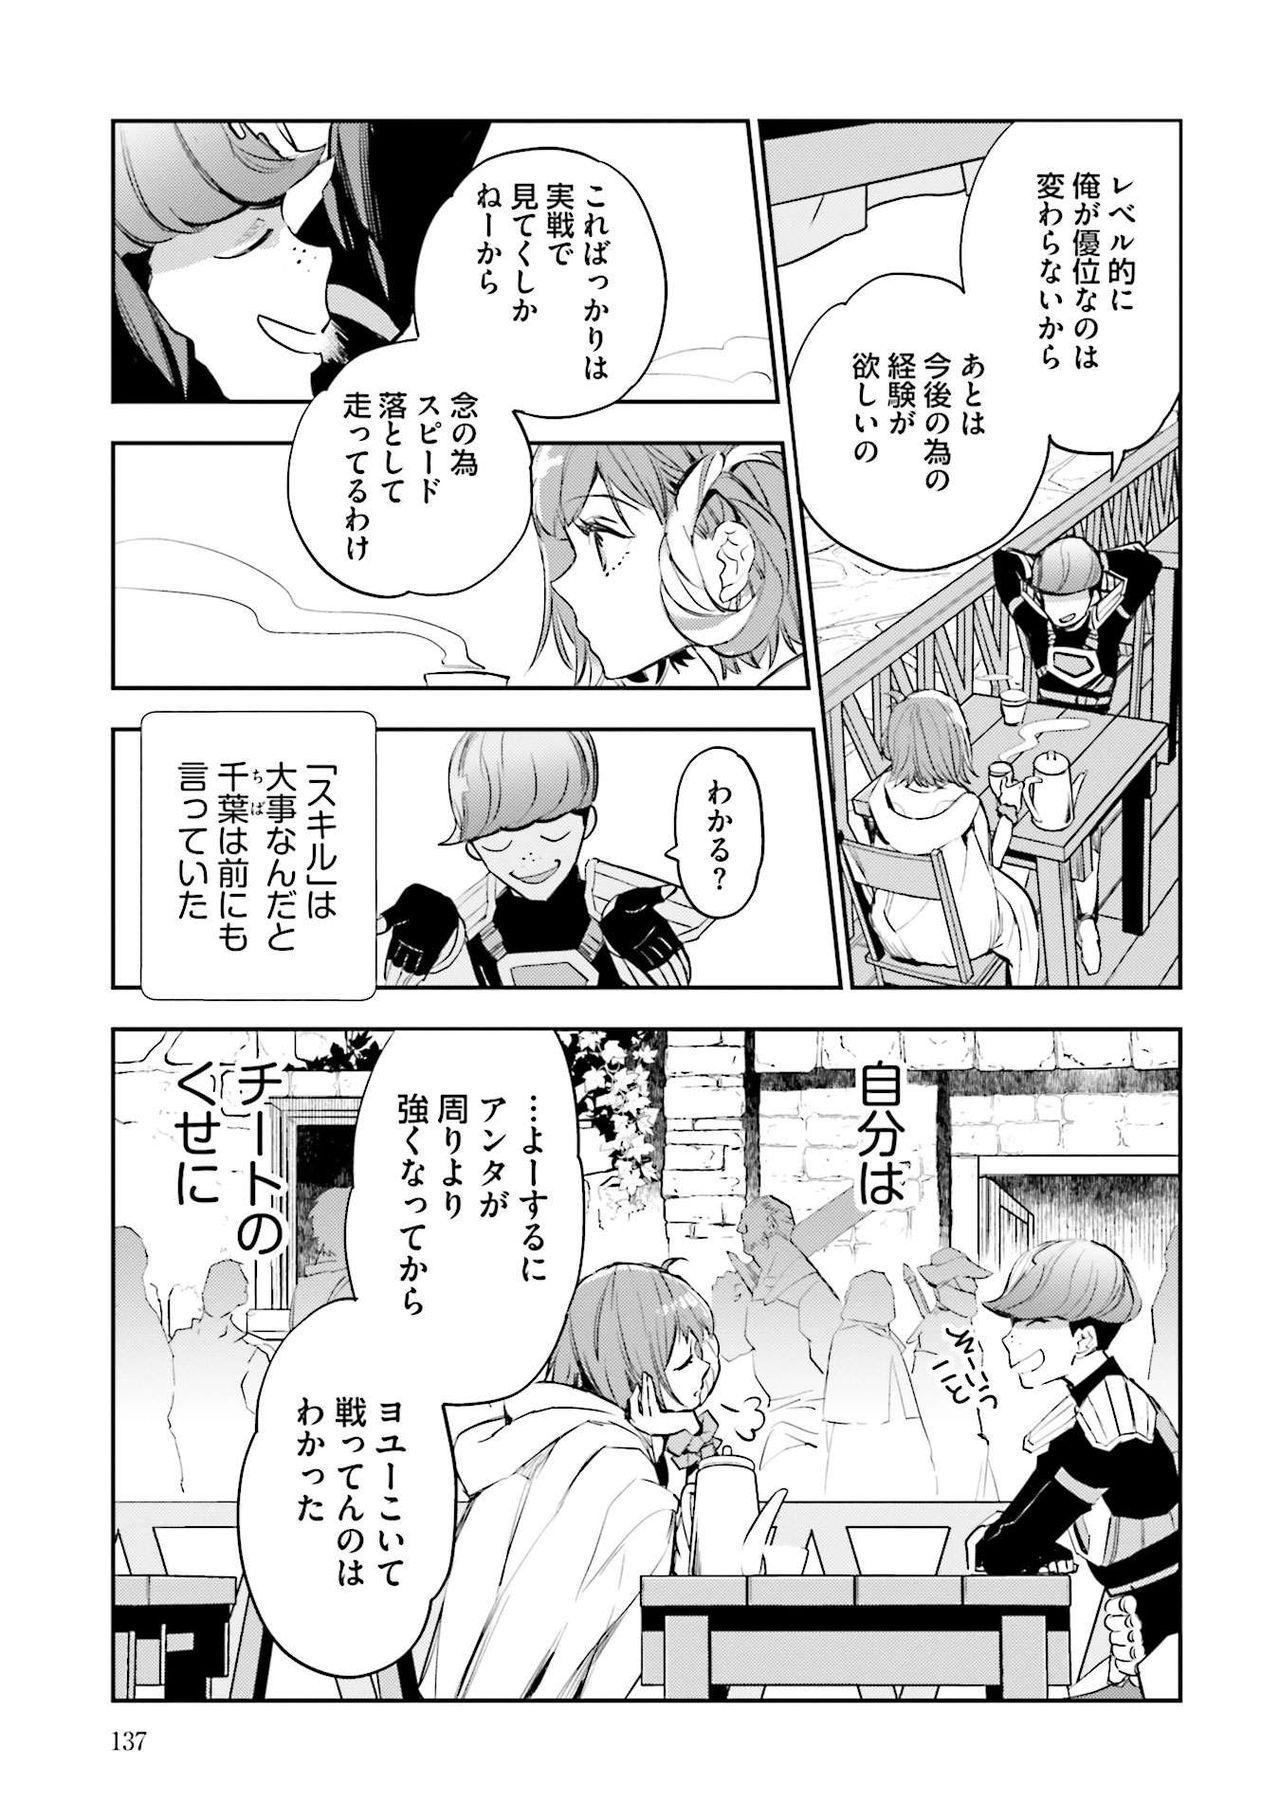 JK Haru wa Isekai de Shoufu ni Natta 1-14 138